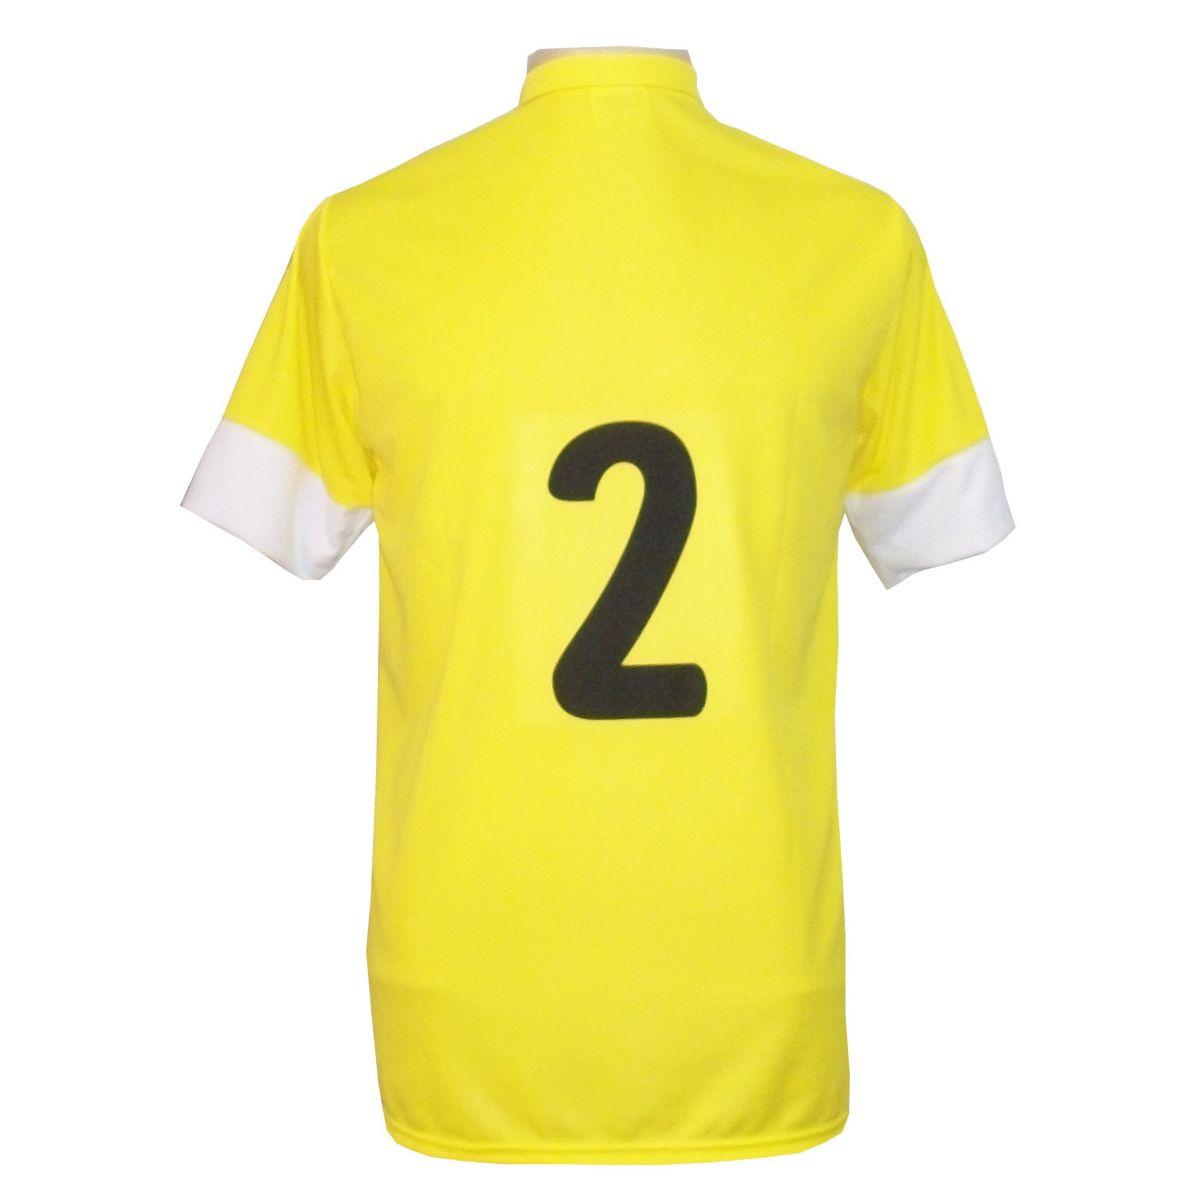 Jogo de Camisa com 14 unidades modelo Sporting Amarelo/Preto/Branco + 1 Goleiro